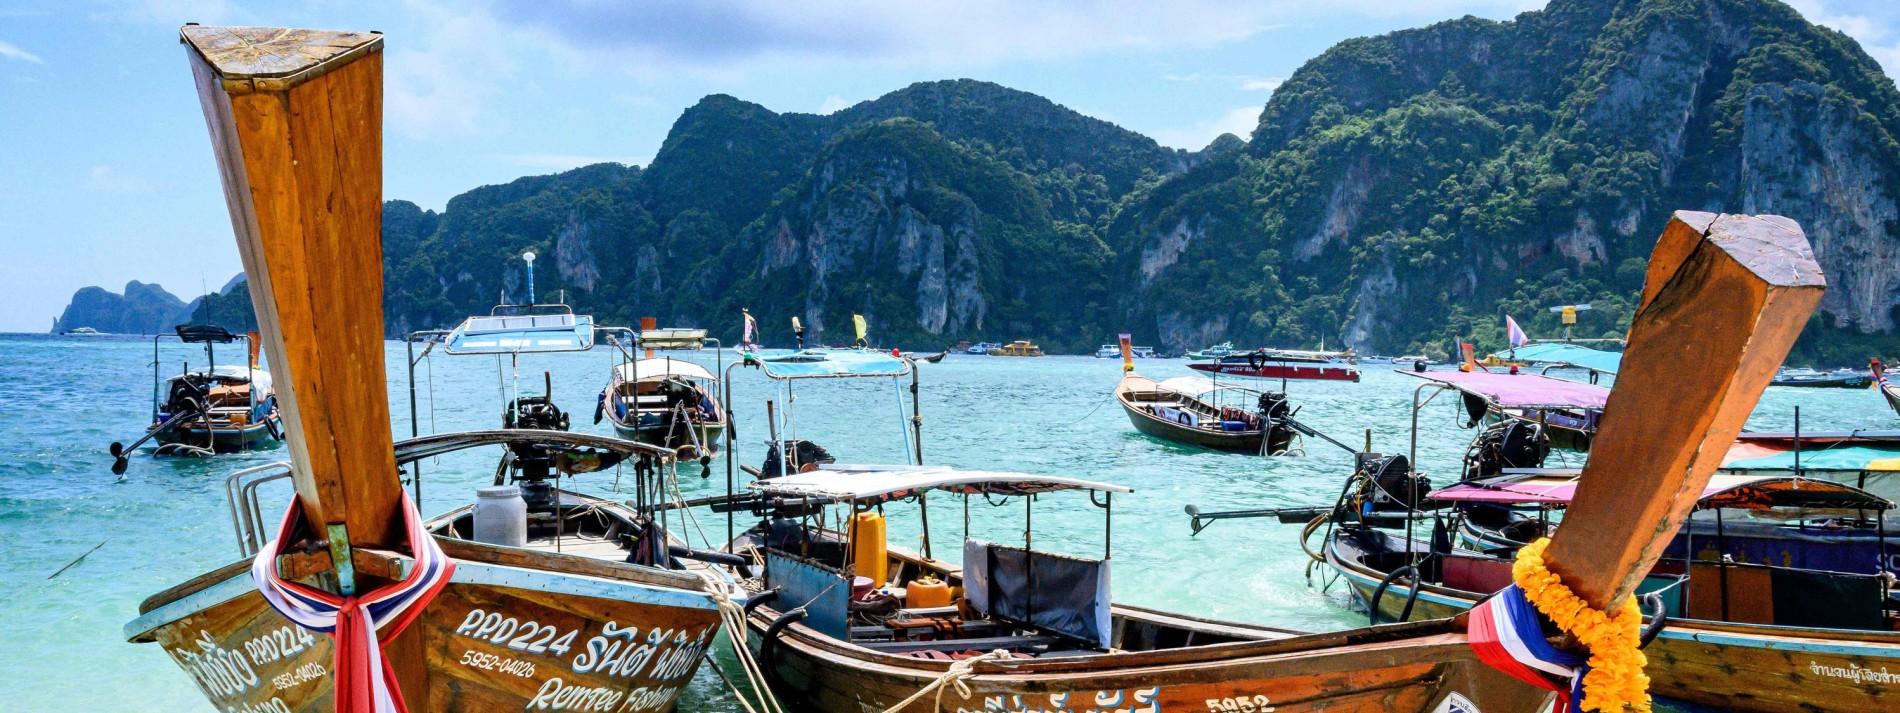 Thailand öffnet Grenzen für geimpfte Flugreisende aus dem Ausland